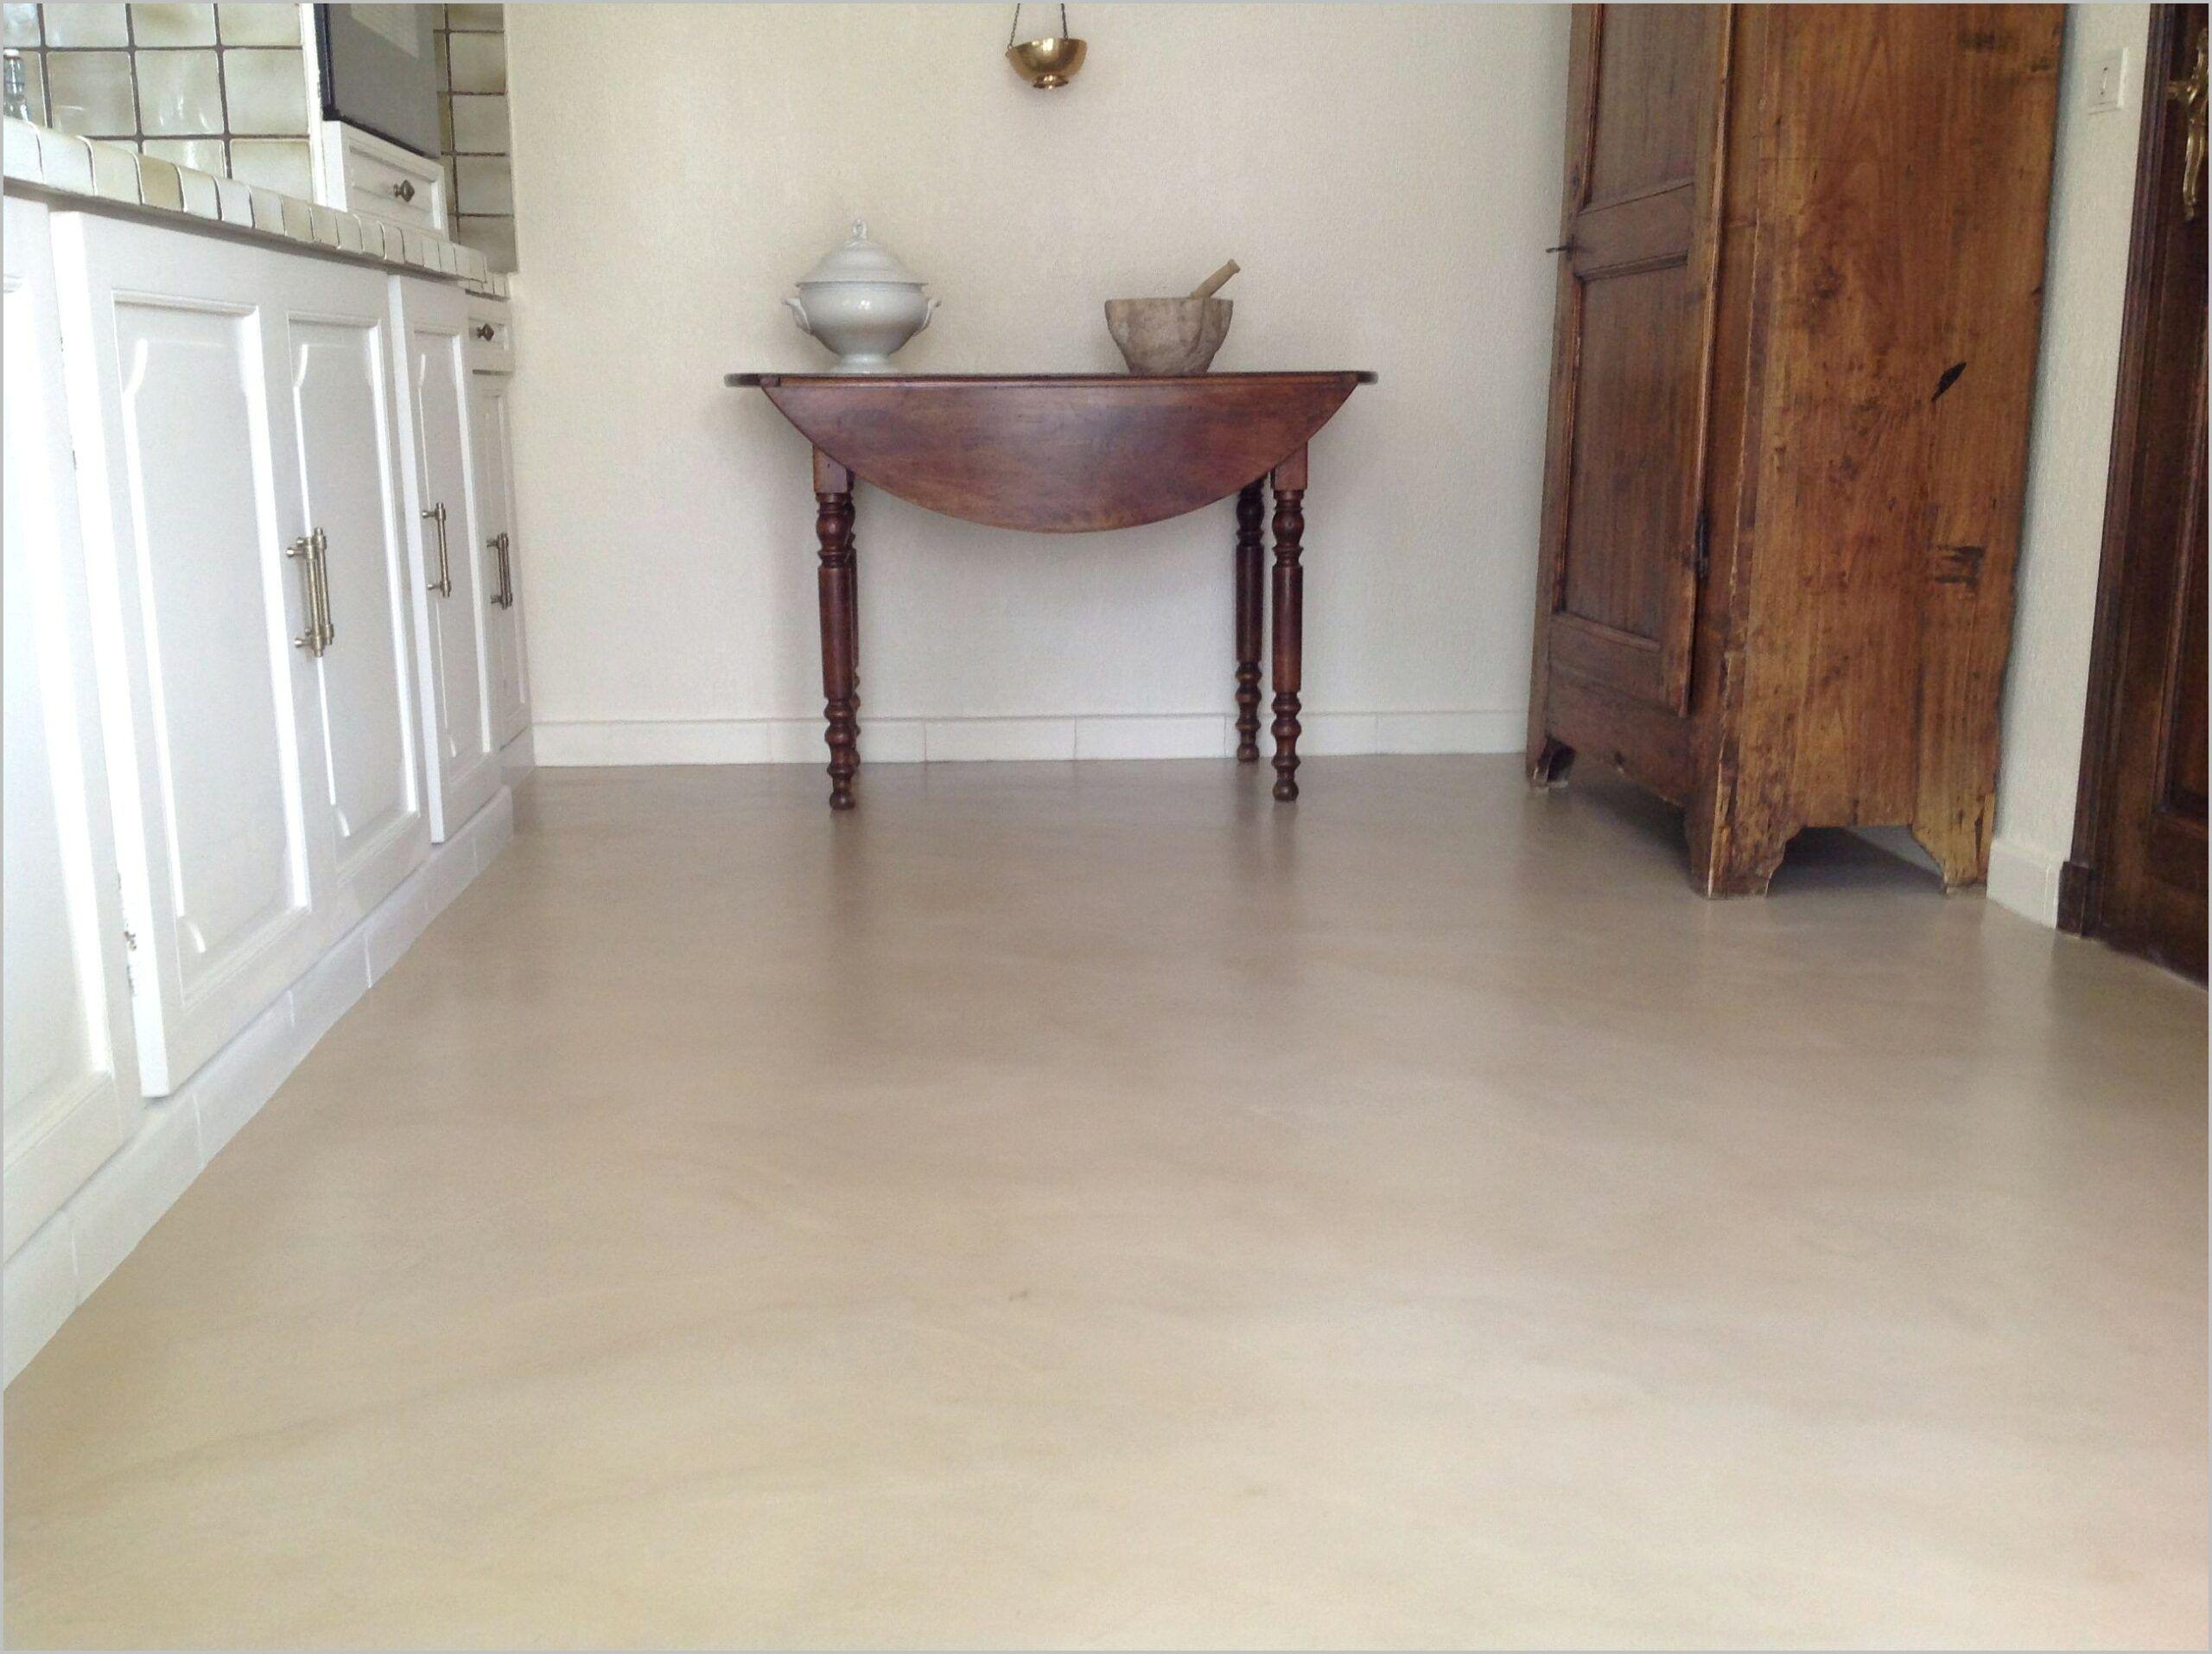 Epingle Par Local Moods Studio Sur Concrete Floor En 2020 Peindre Sol Beton Sol Beton Beton Cire